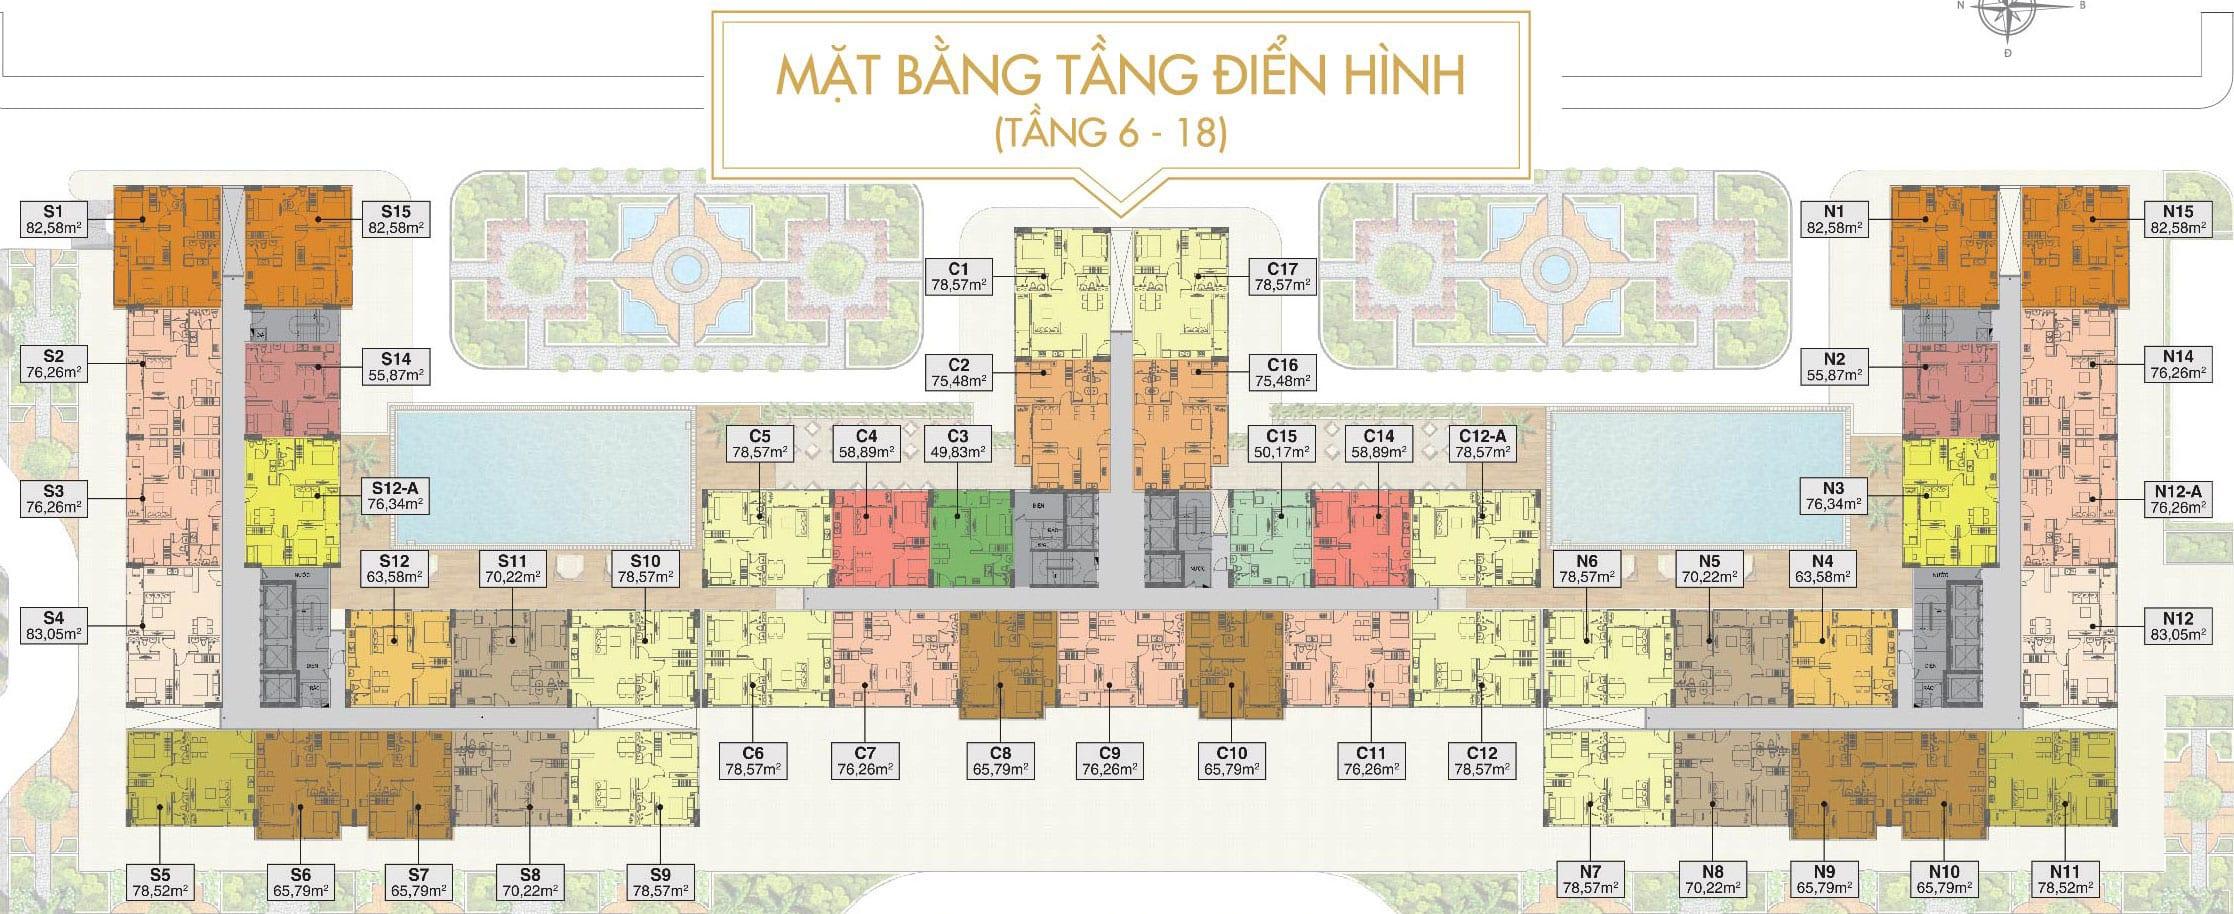 Mặt bằng căn hộ điển hình tầng 6-18